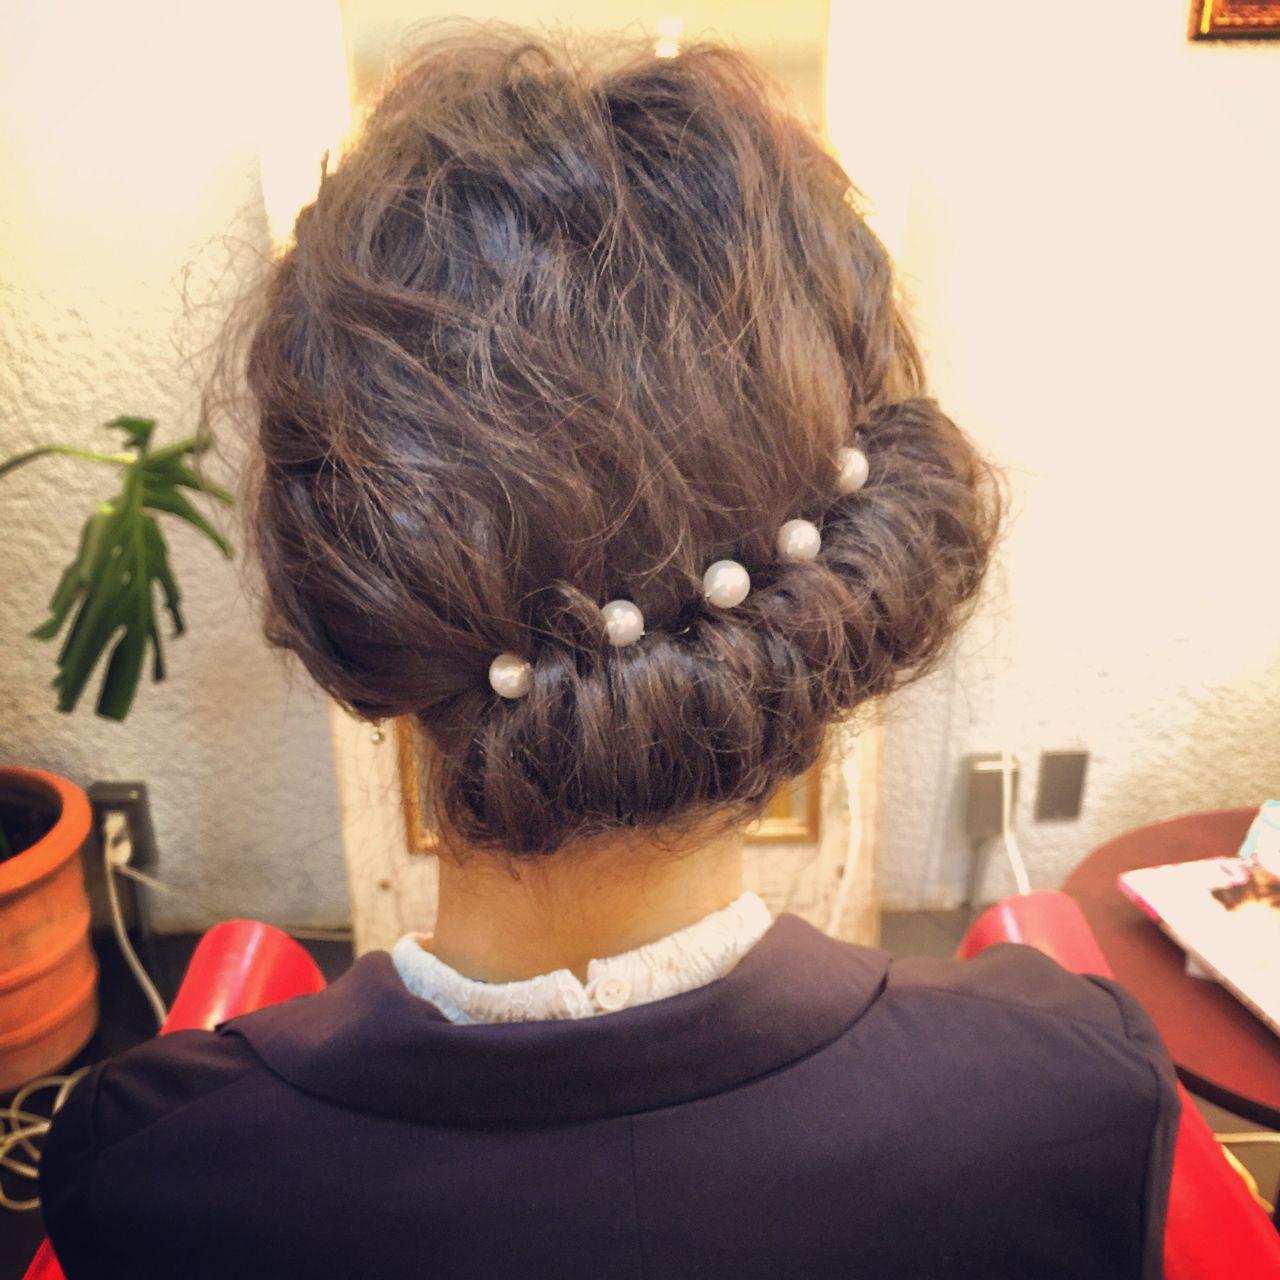 ギブソンタック ヘアアレンジ ナチュラル 春 ヘアスタイルや髪型の写真・画像 | tomonari / iroiro (イロイロ)